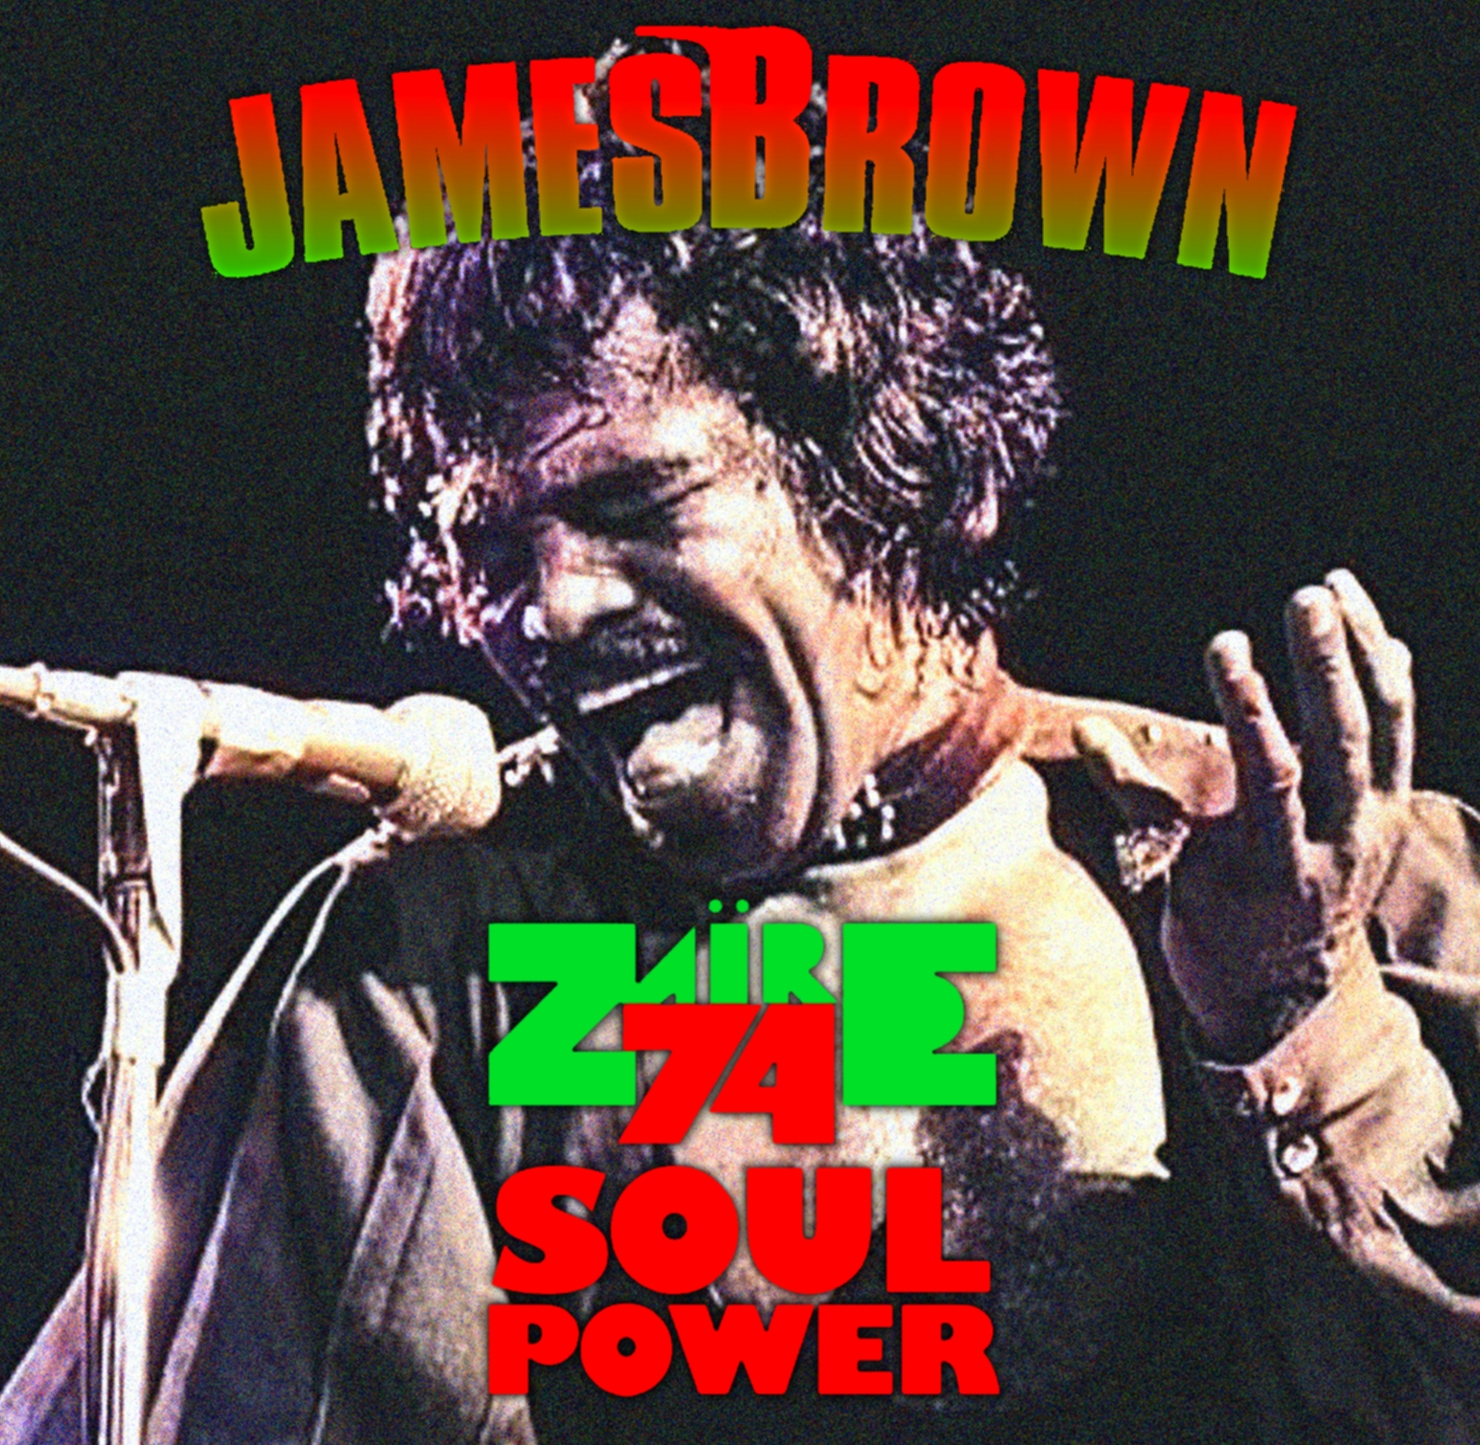 コレクターズCD ジェームスブラウン 1974年南アフリカ